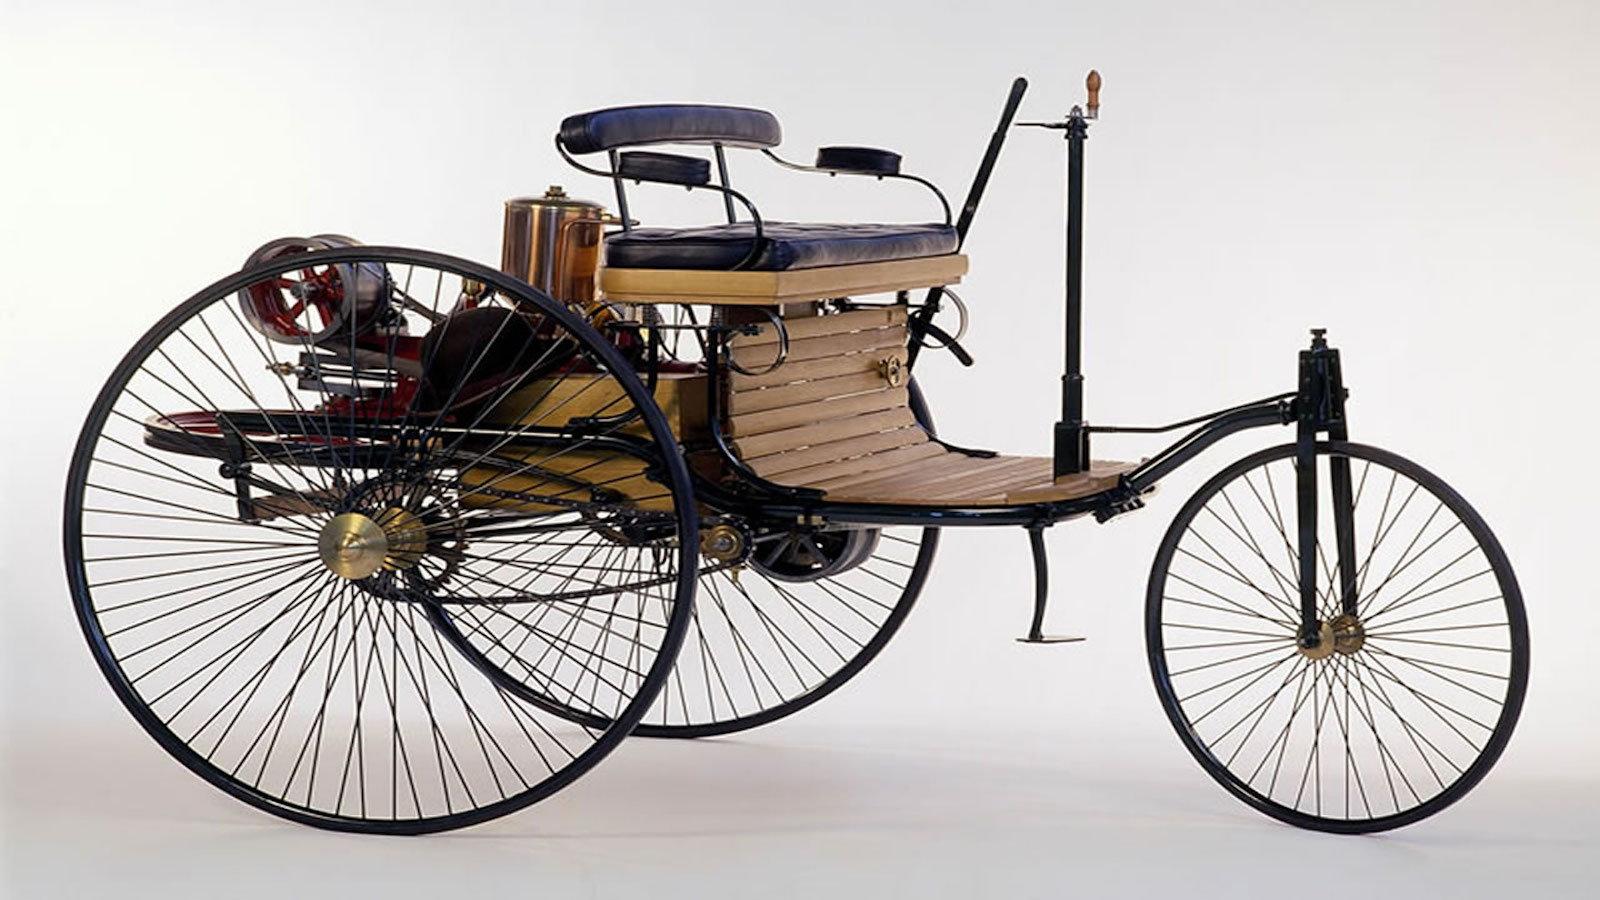 Benz-Patent Motorwagen